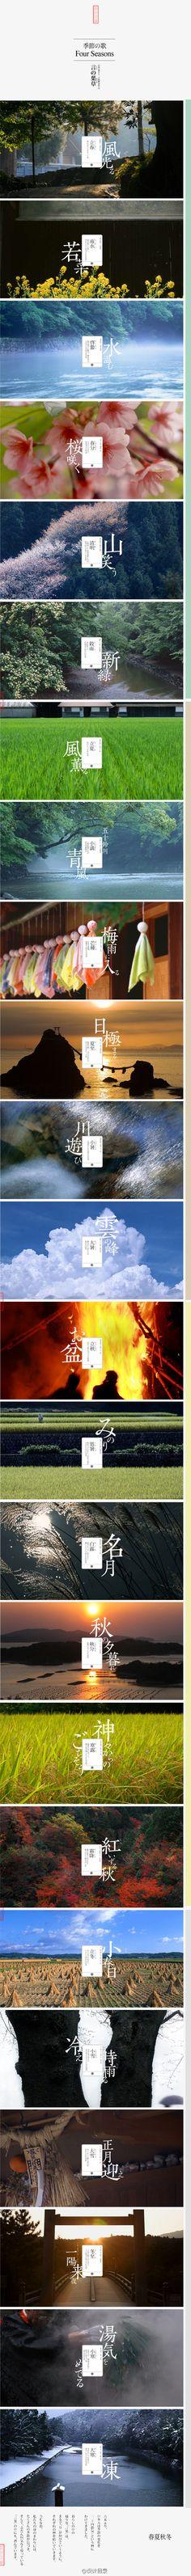 四季の歌 | 春雨惊春清谷天;夏满芒夏暑相... 来自设计目录 - 微博